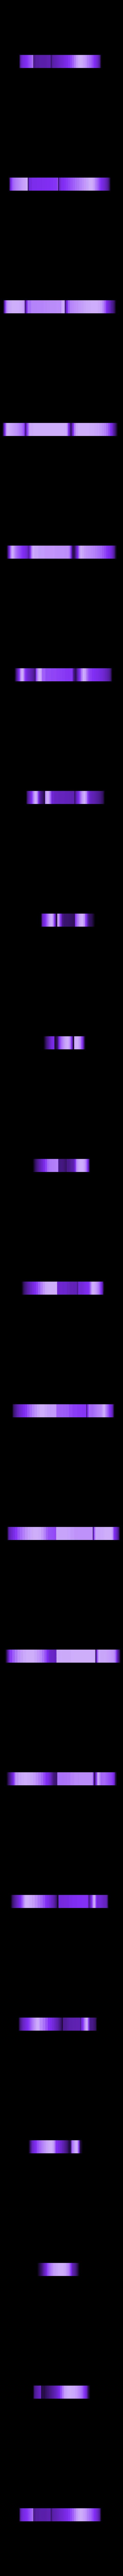 """Int-2.stl Télécharger fichier STL gratuit LED light letters """"Why not?"""" • Objet pour impression 3D, dukedoks"""